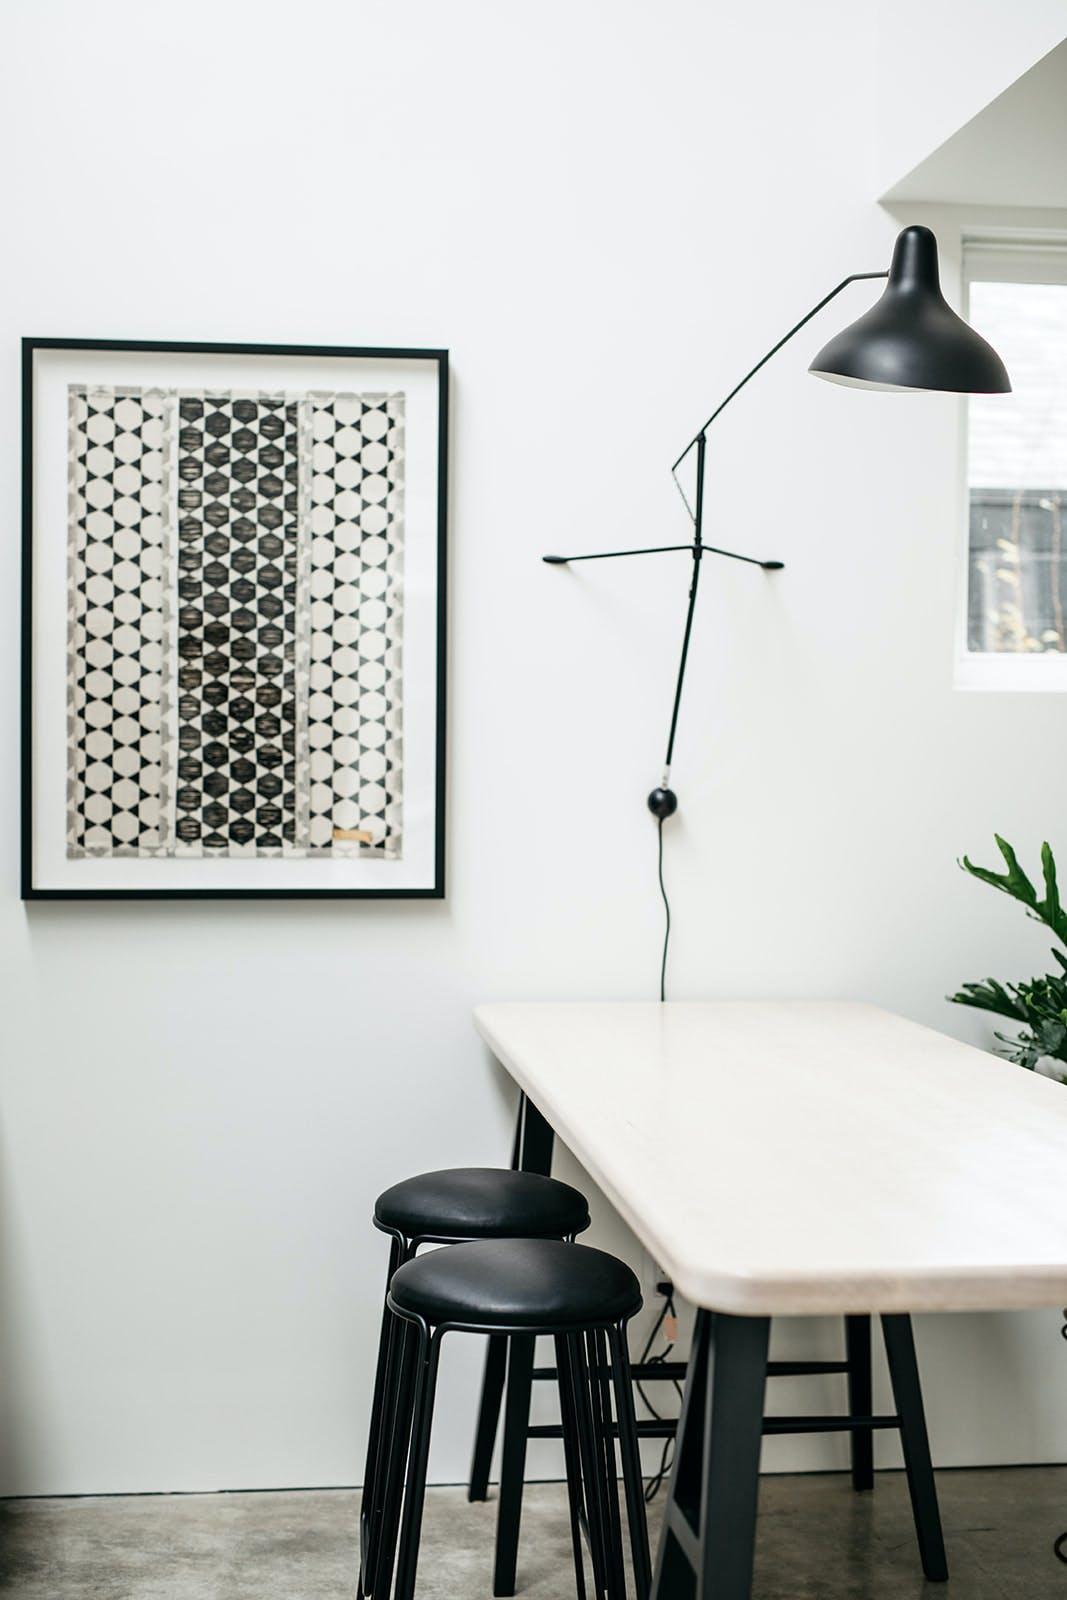 Wall art and lamp